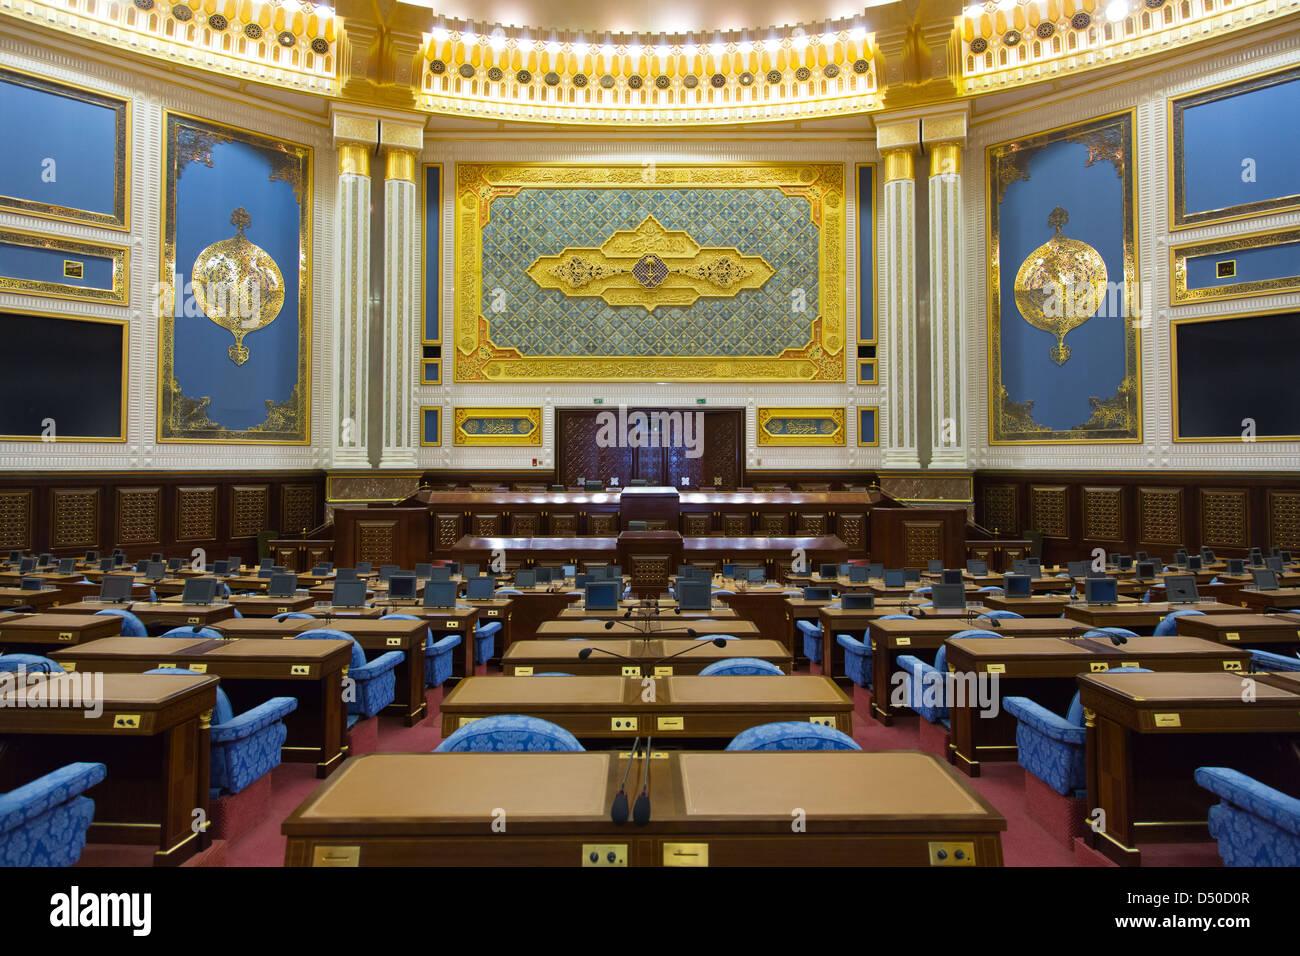 Il cerimoniale del Parlamento in camera Rhiyhd, Arabia Saudita utilizzato dal gruppo consultivo di Arabia Saudita Immagini Stock